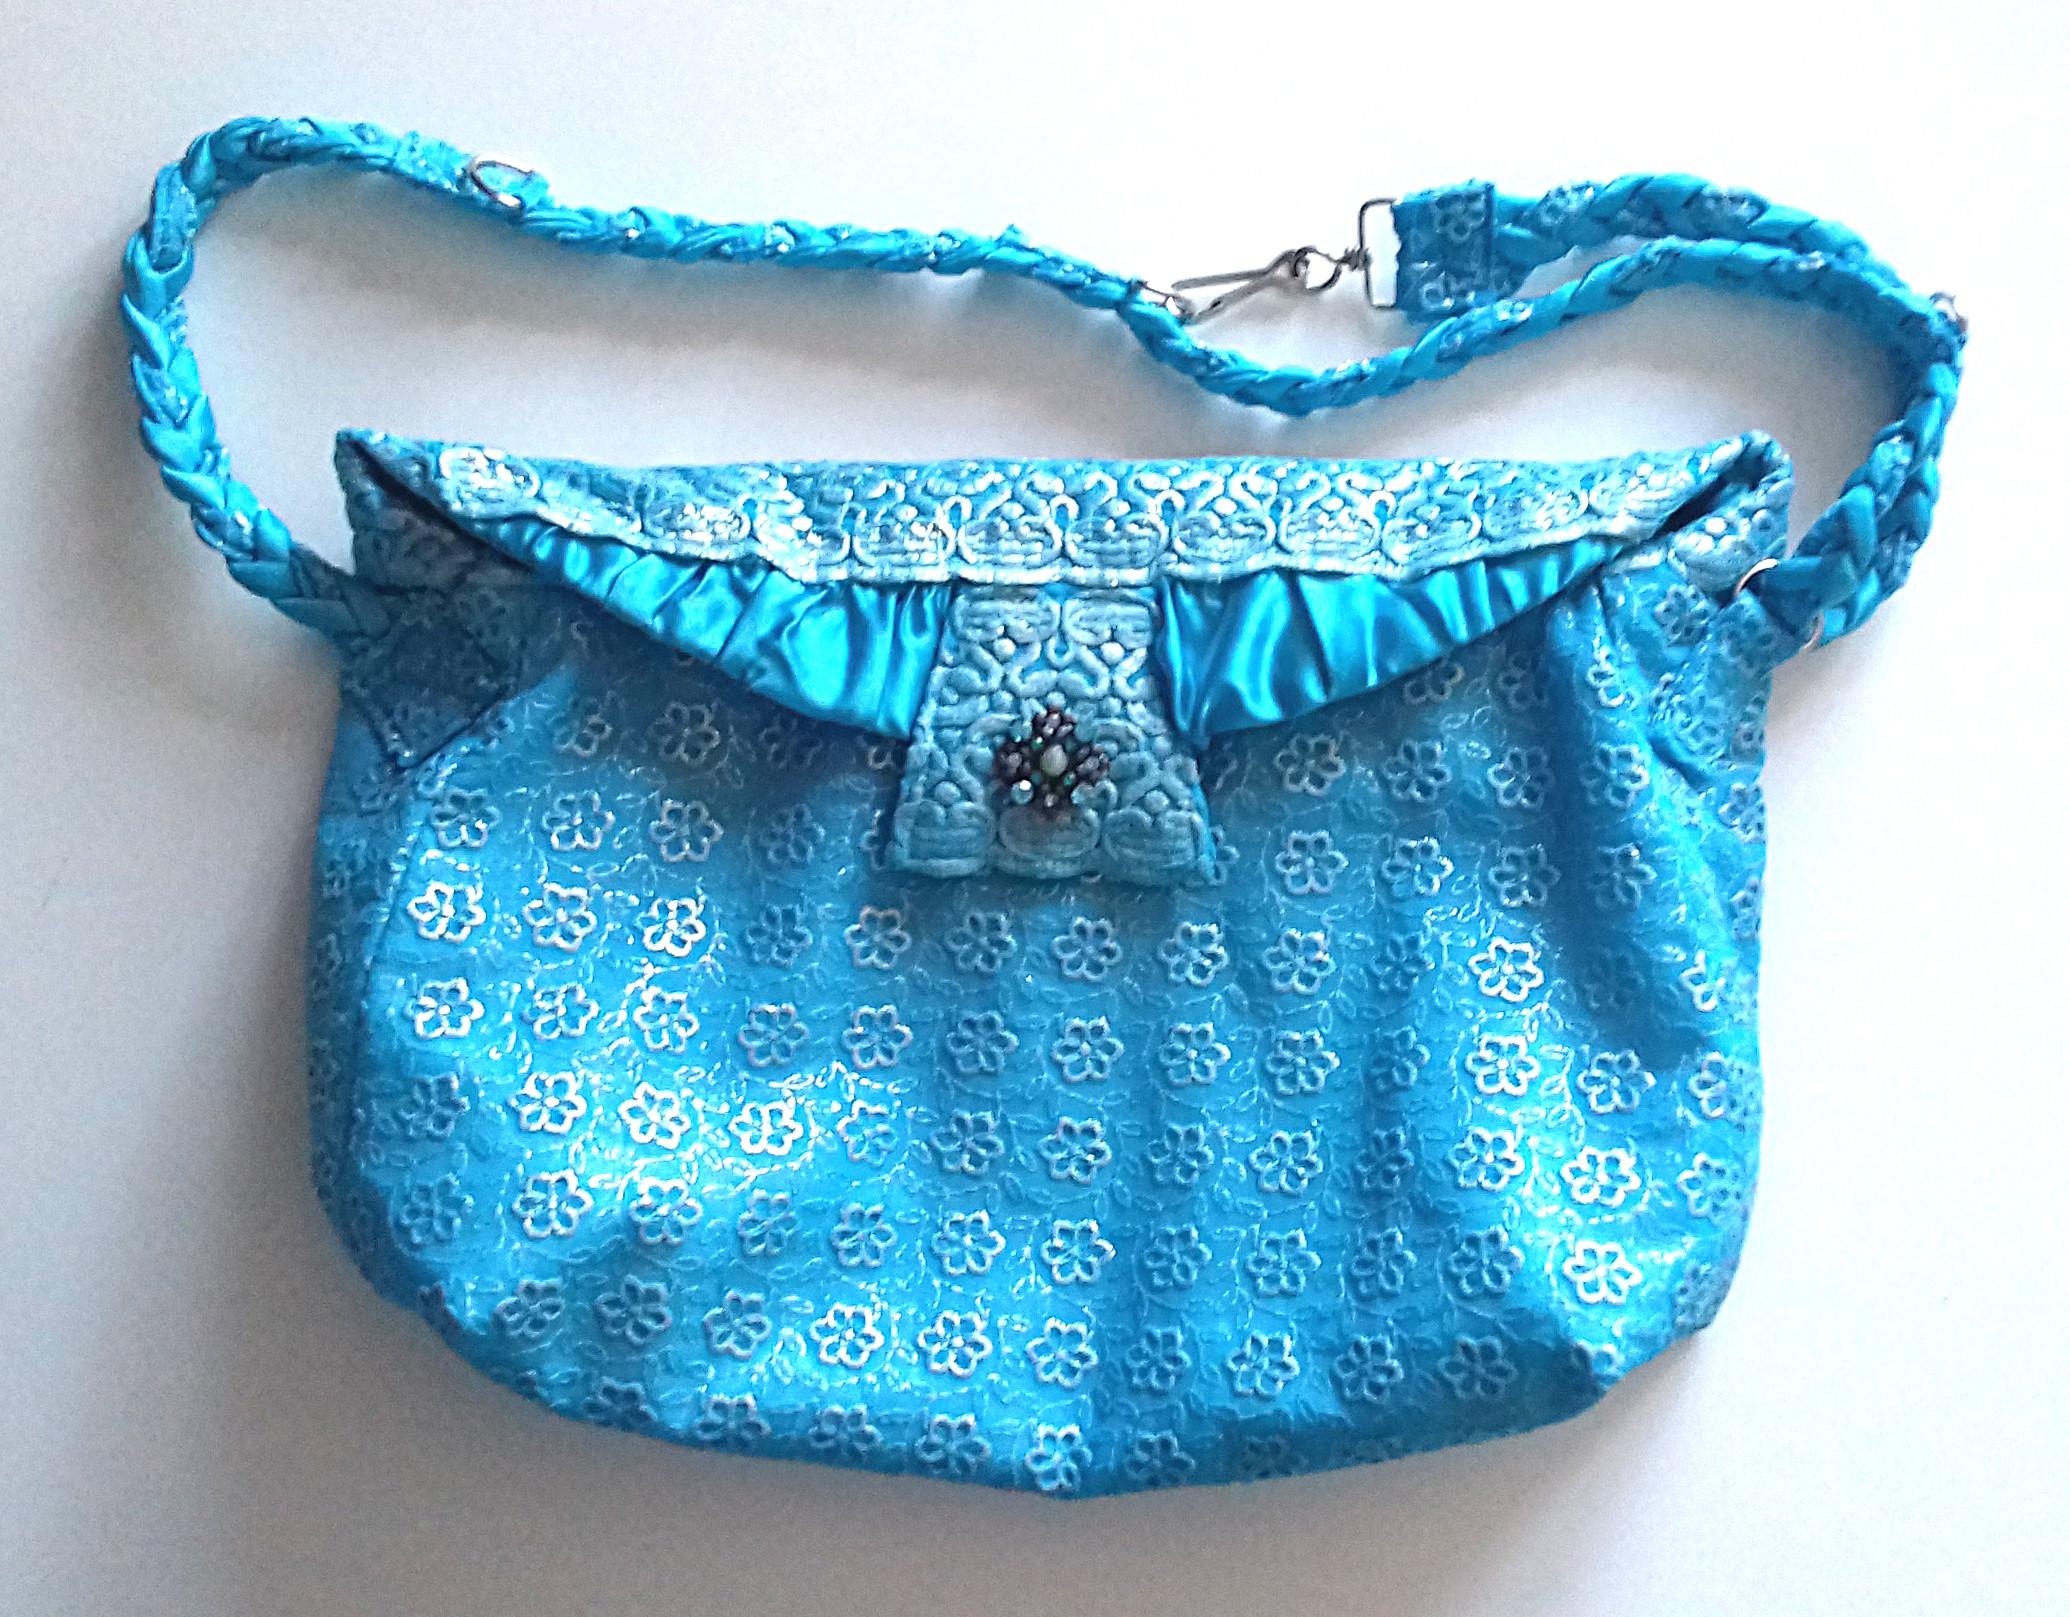 Sky-blue-floral-embroidered-sheer-and-satin-dressy-handbag